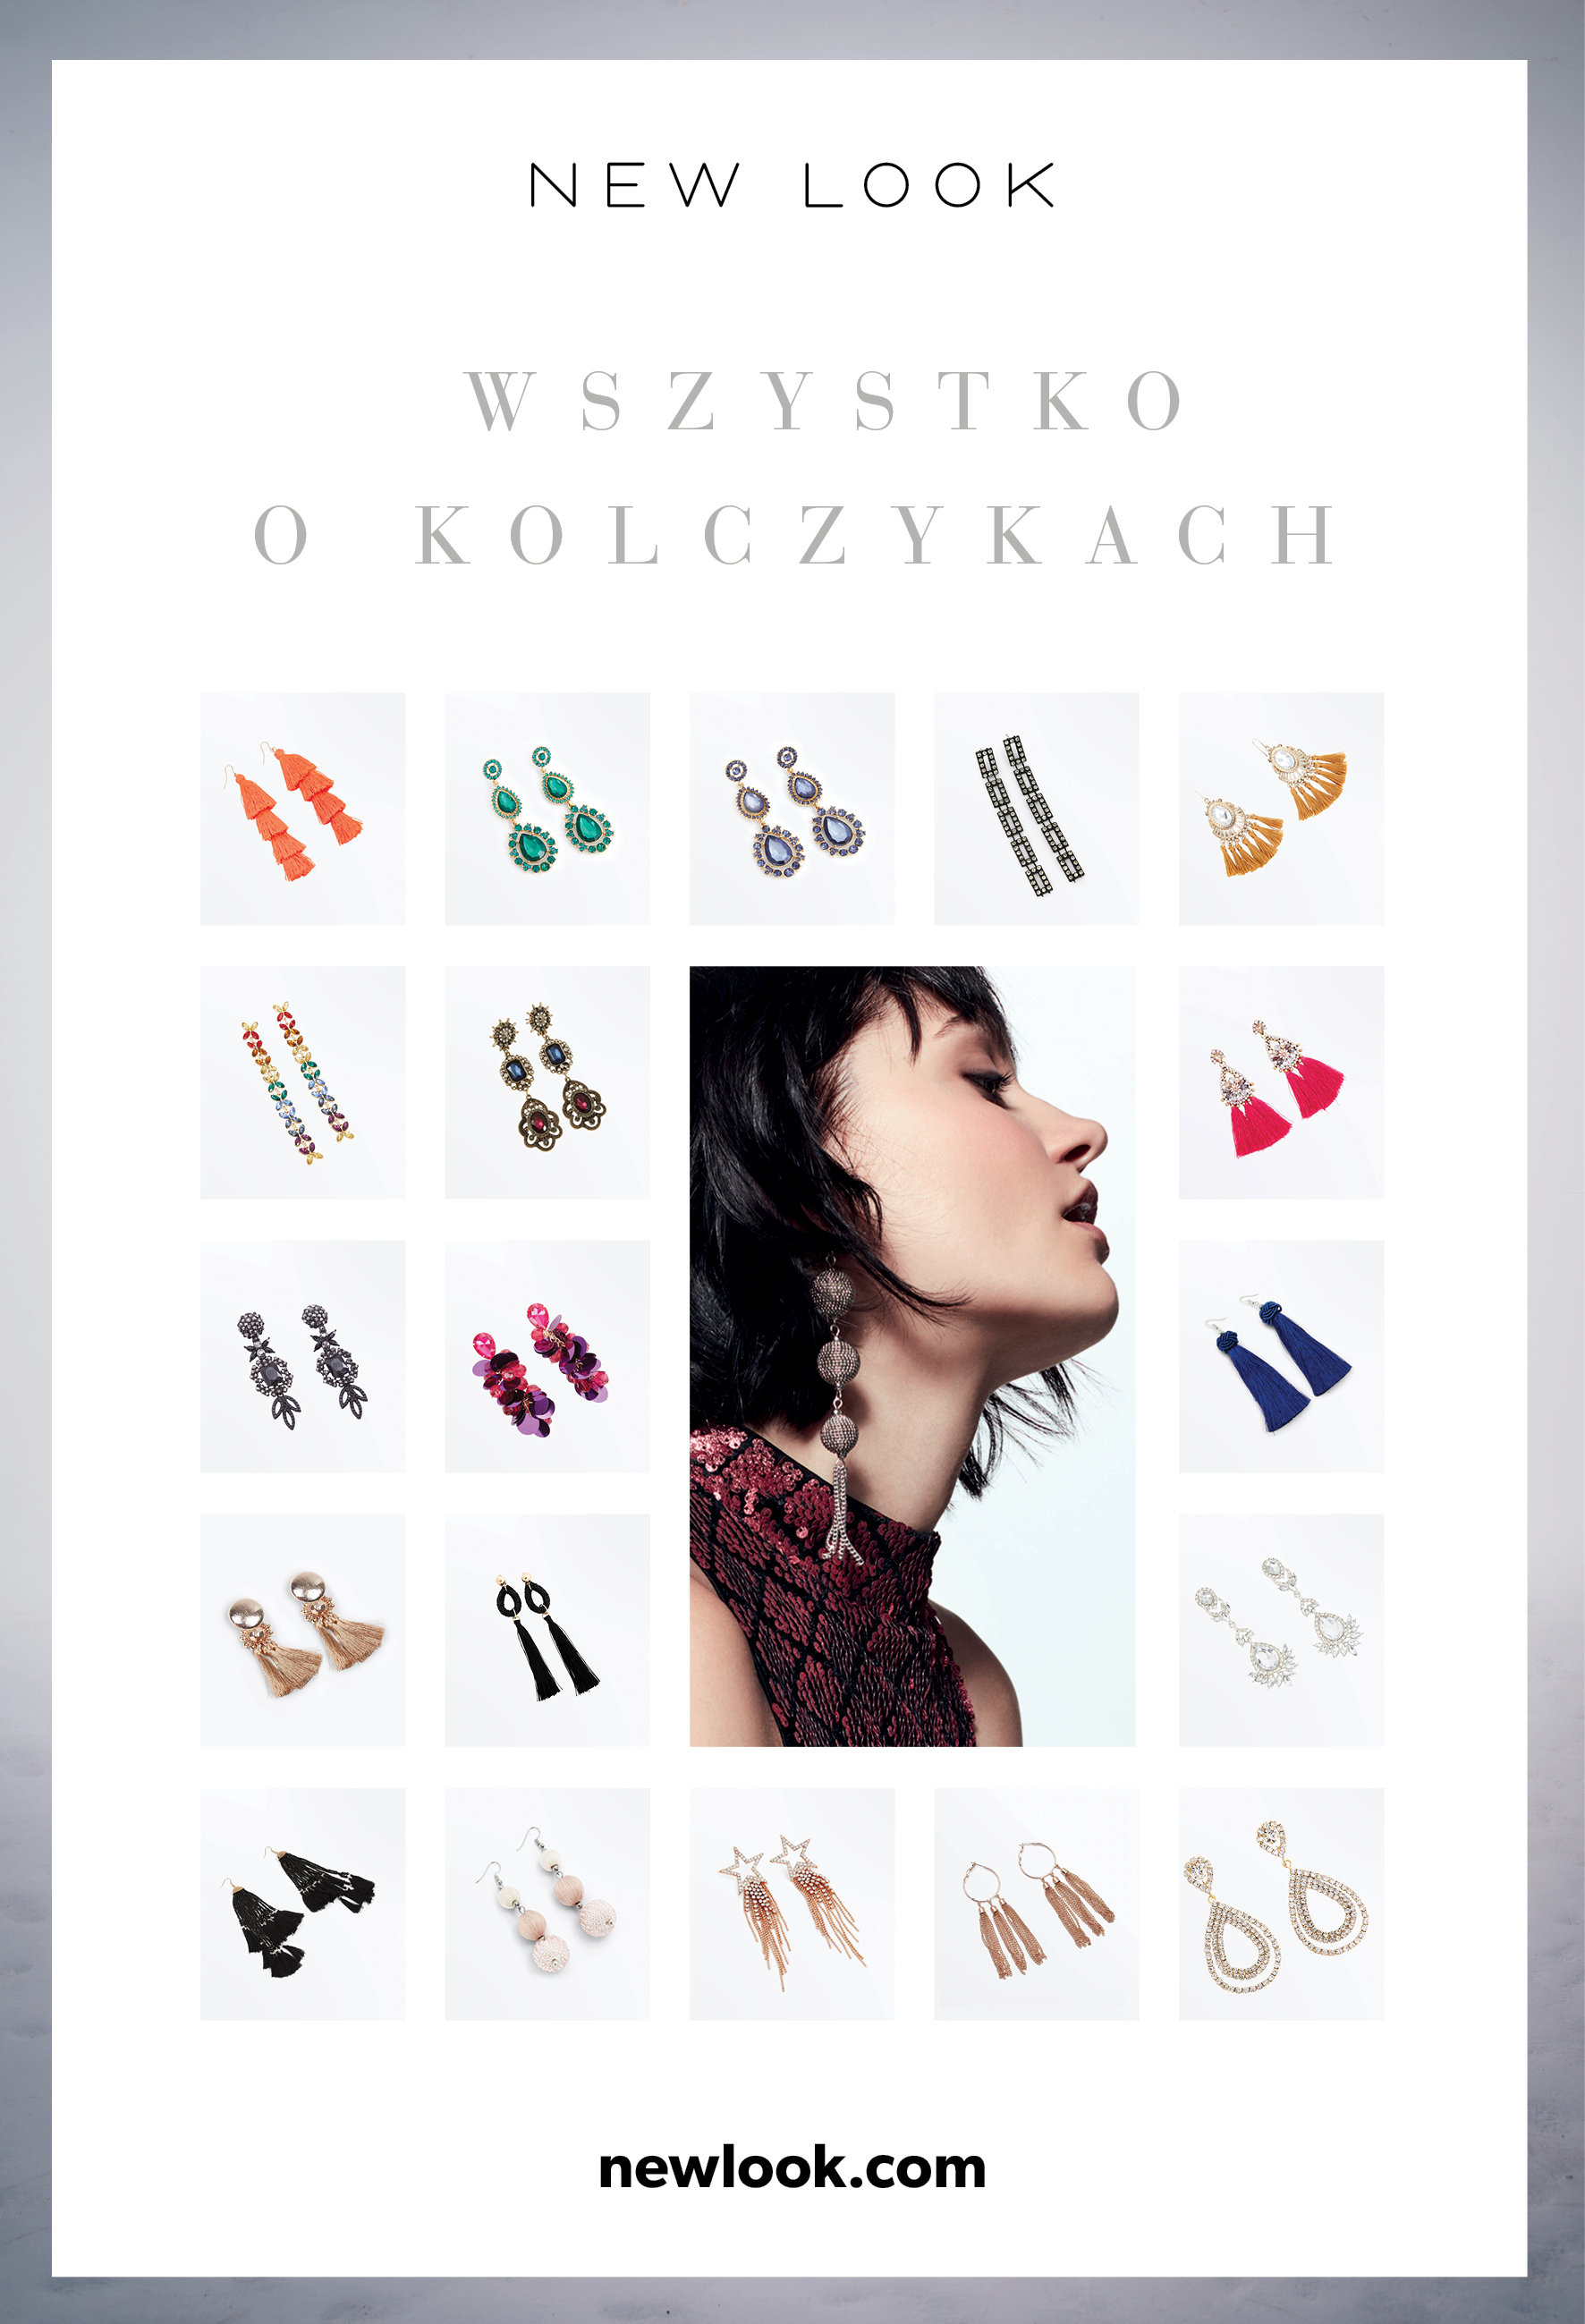 Wszystko o kolczykach dla modnych kobiet! Najnowsza kolekcja akcesoriów New Look AW2017